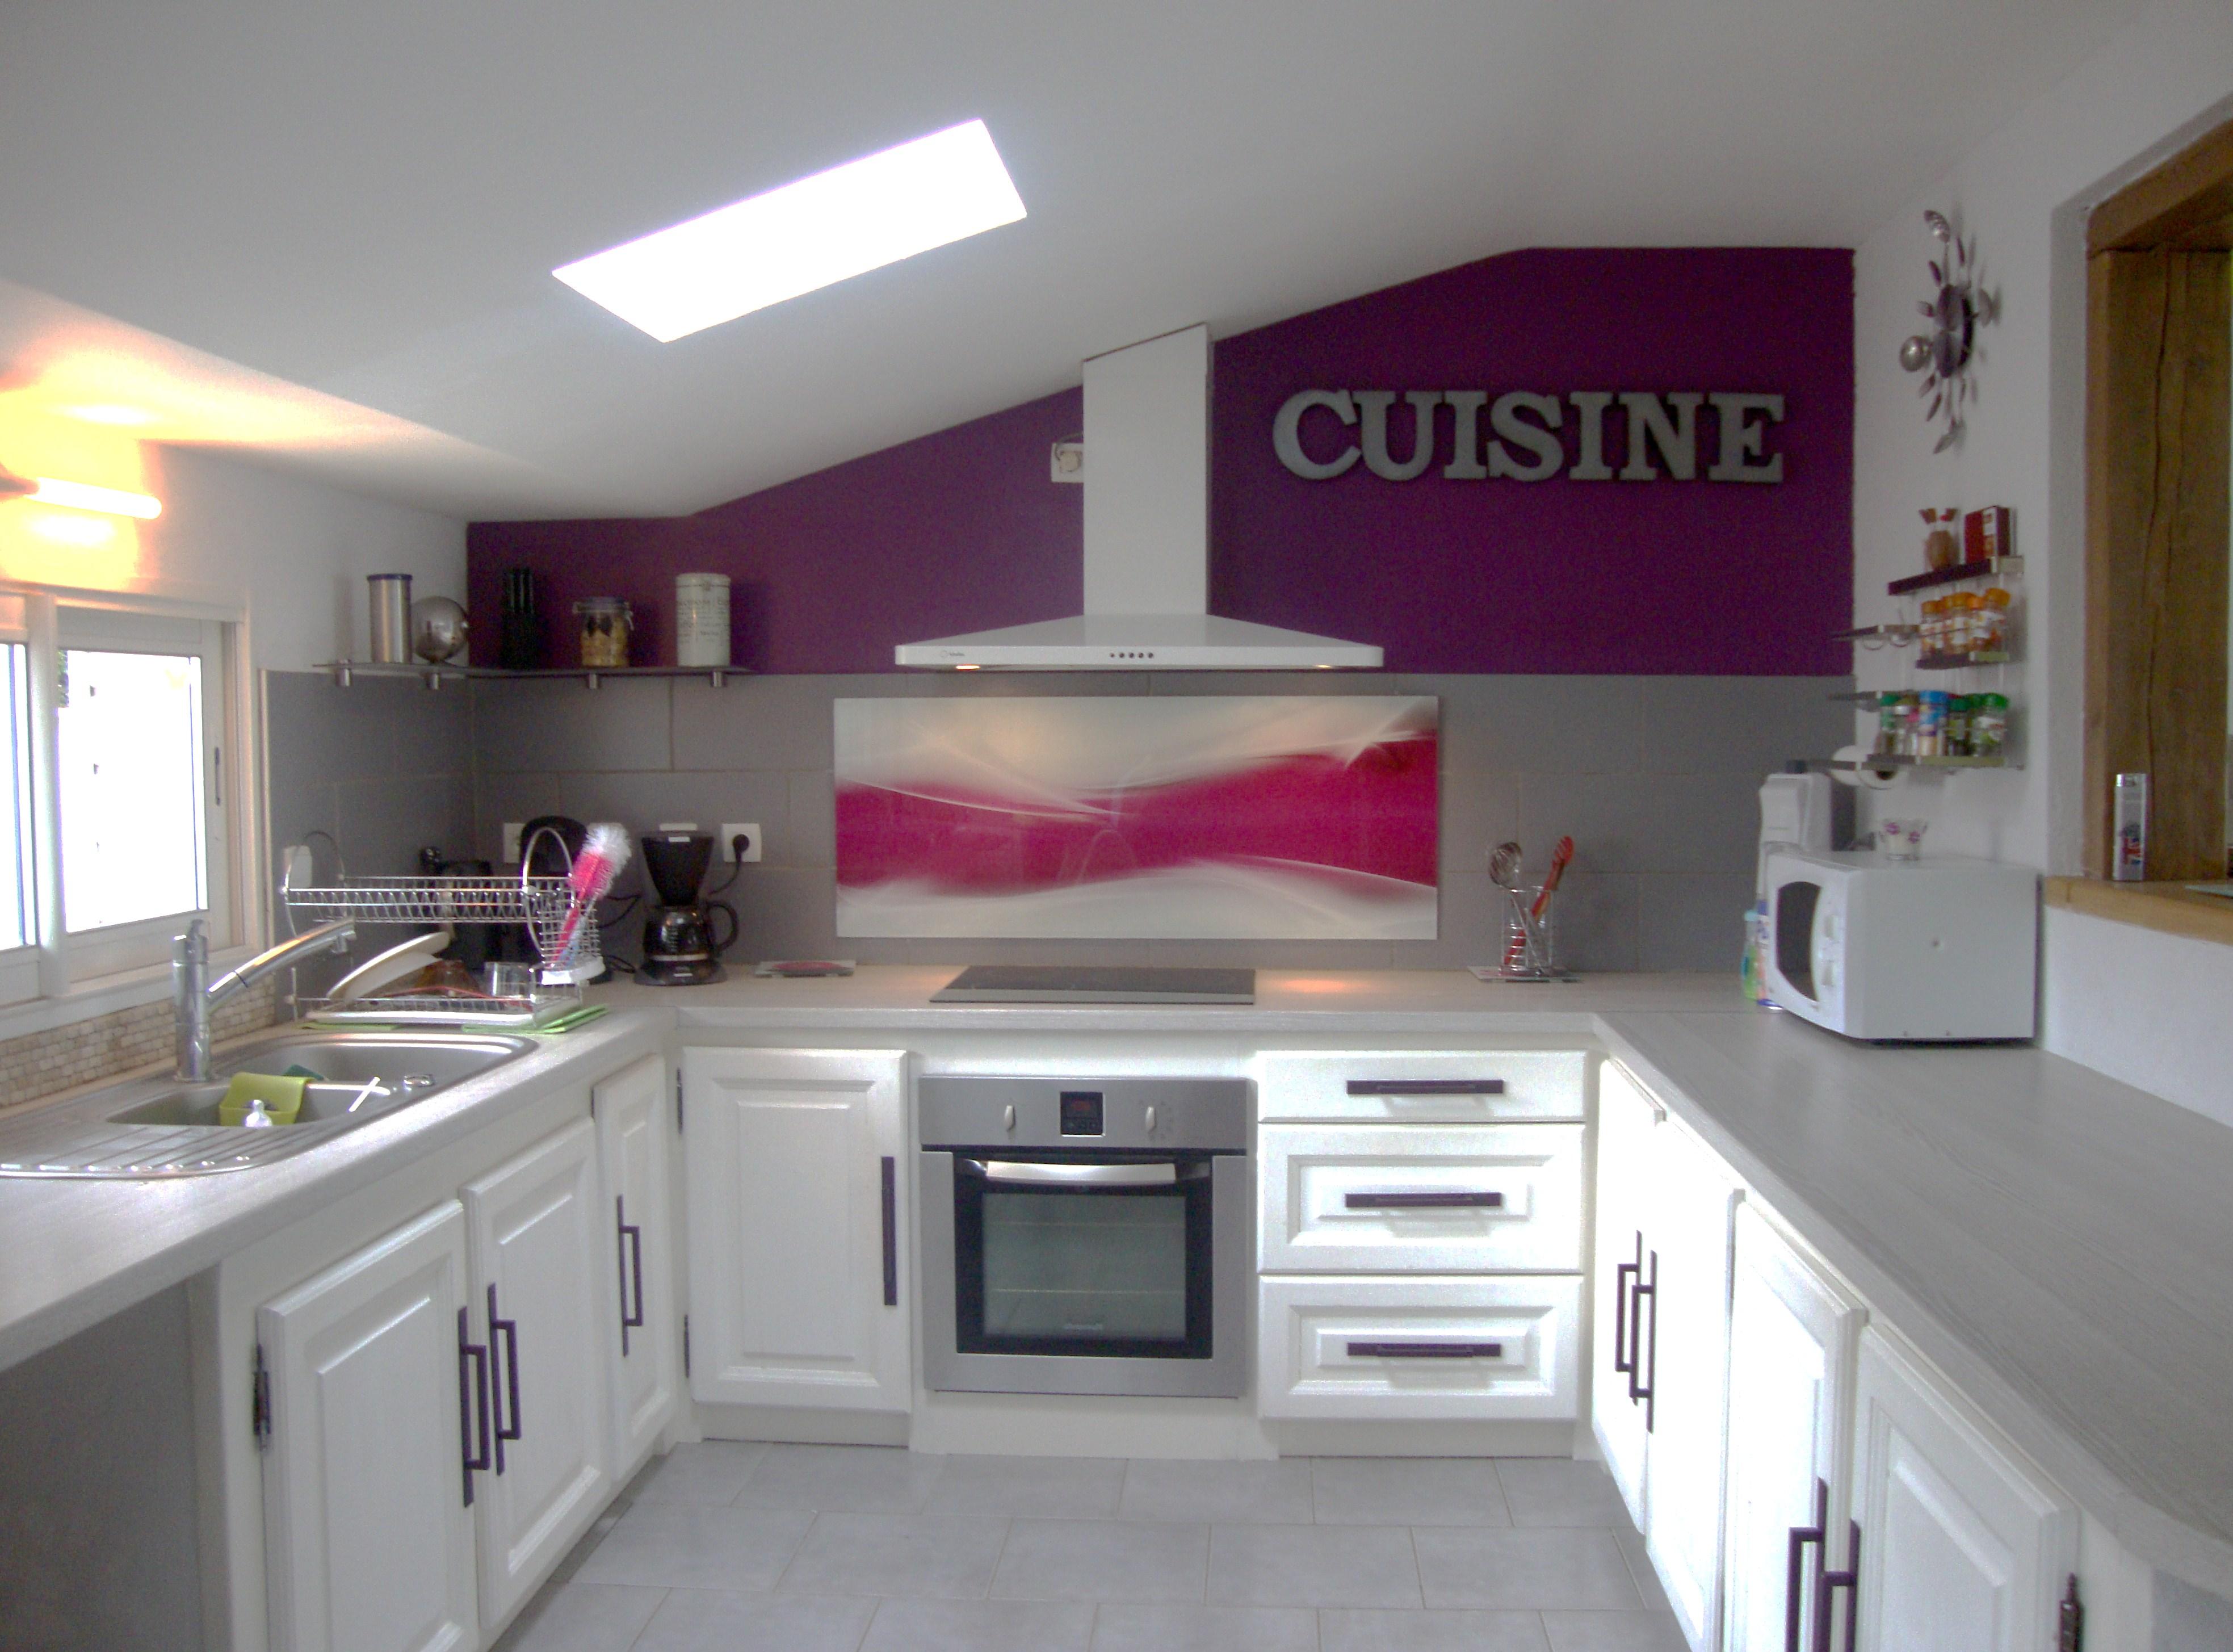 Deco cuisine gris et aubergine maison et mobilier - Deco mur cuisine moderne ...